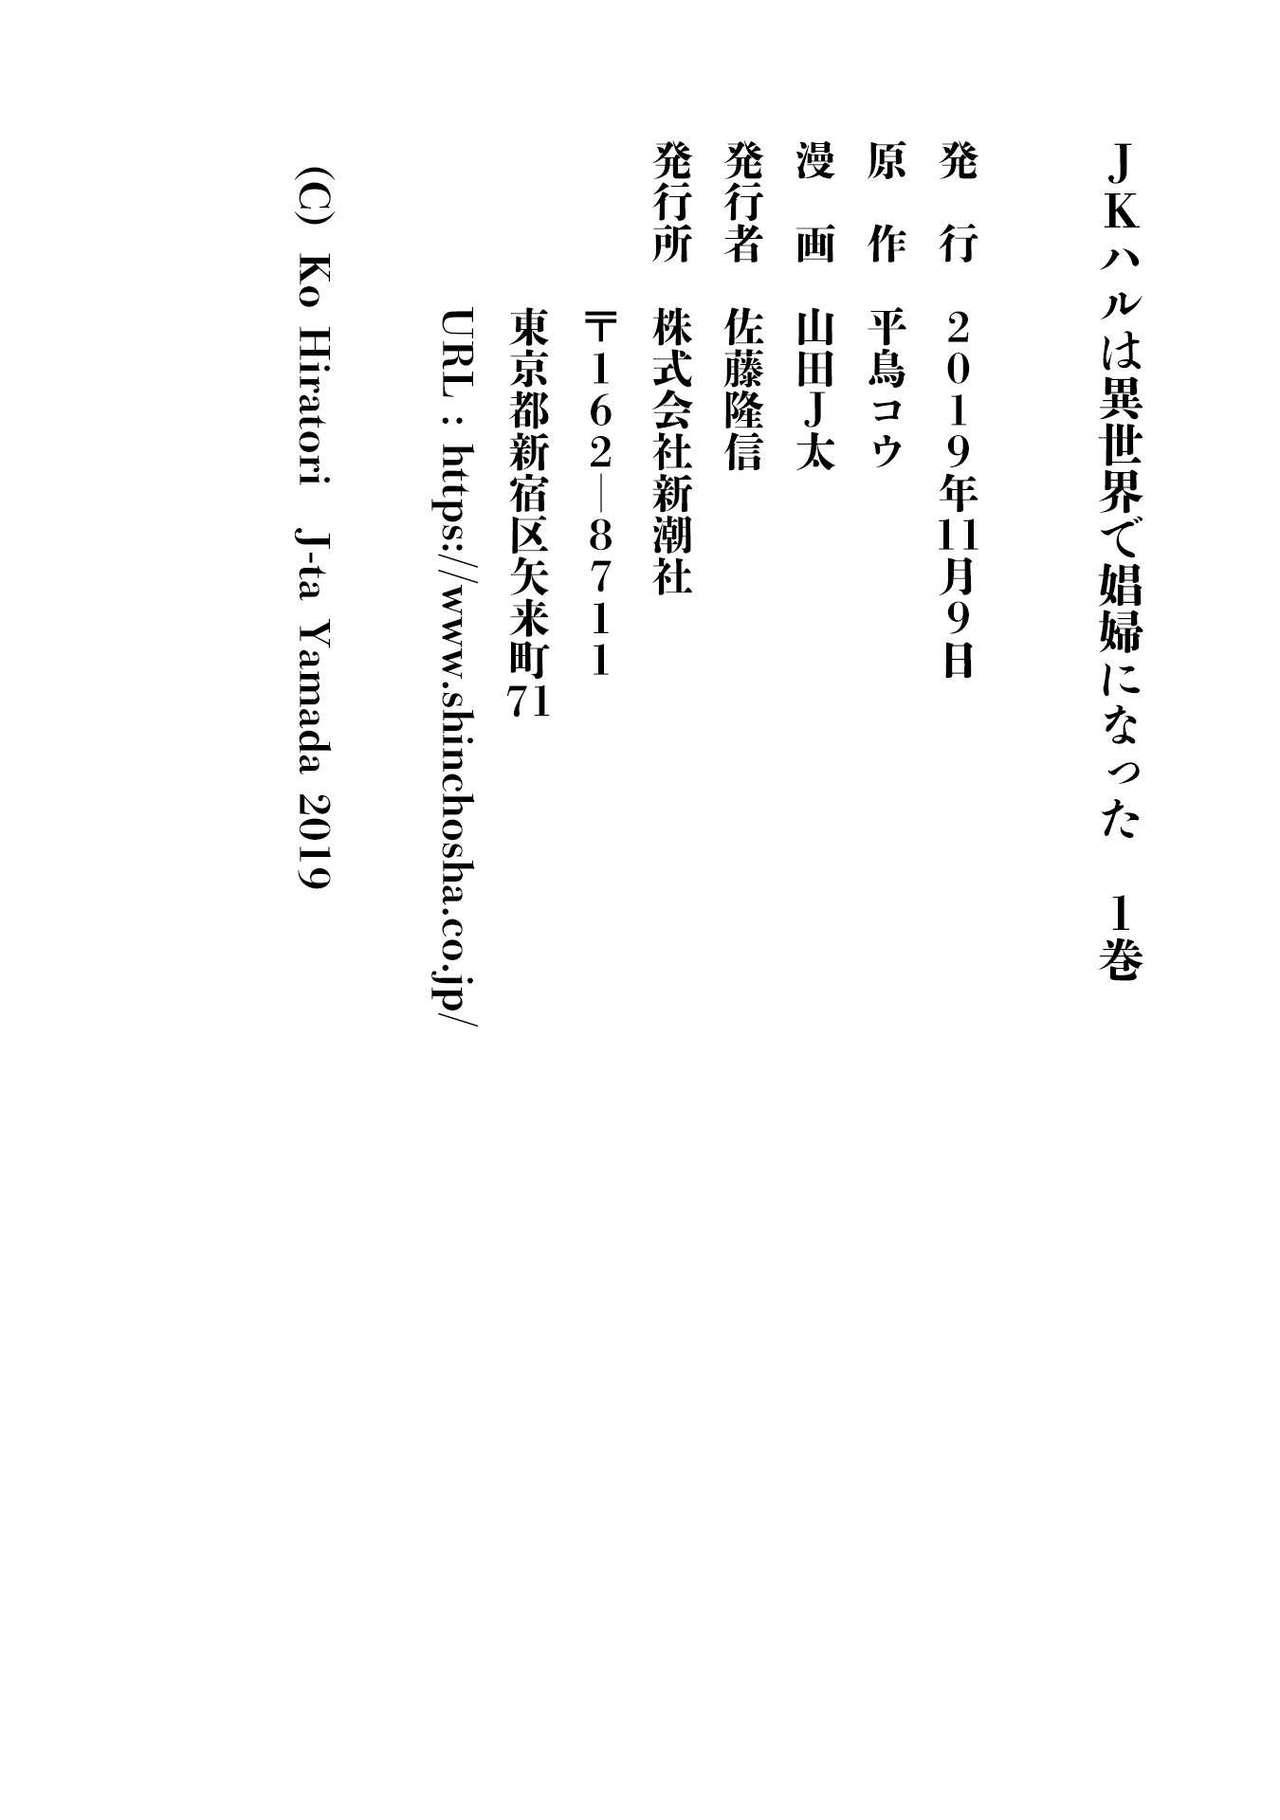 JK Haru wa Isekai de Shoufu ni Natta 1-14 181